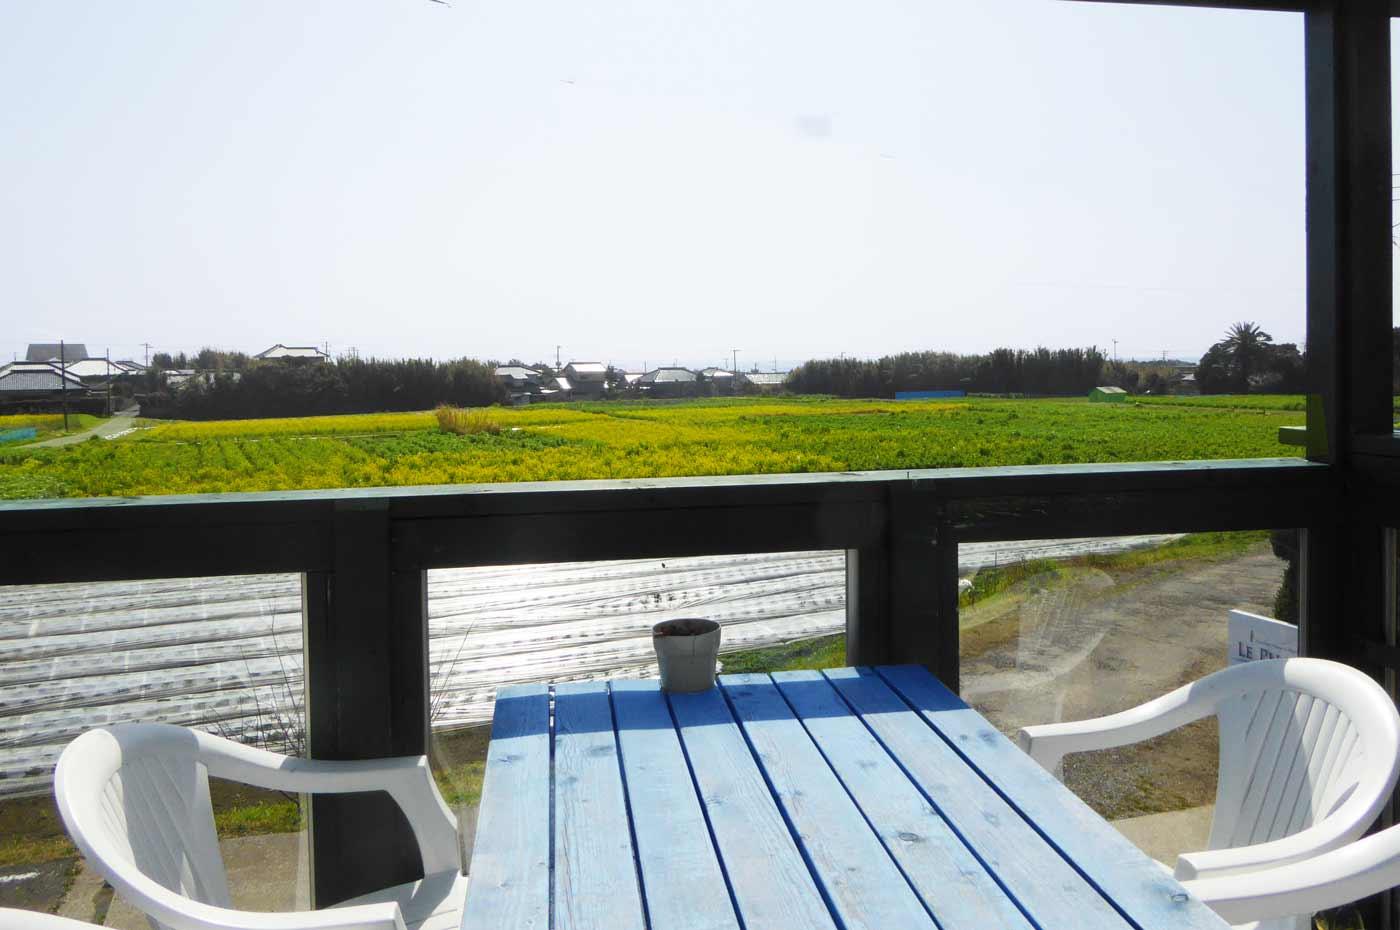 店舗前の菜花畑の画像